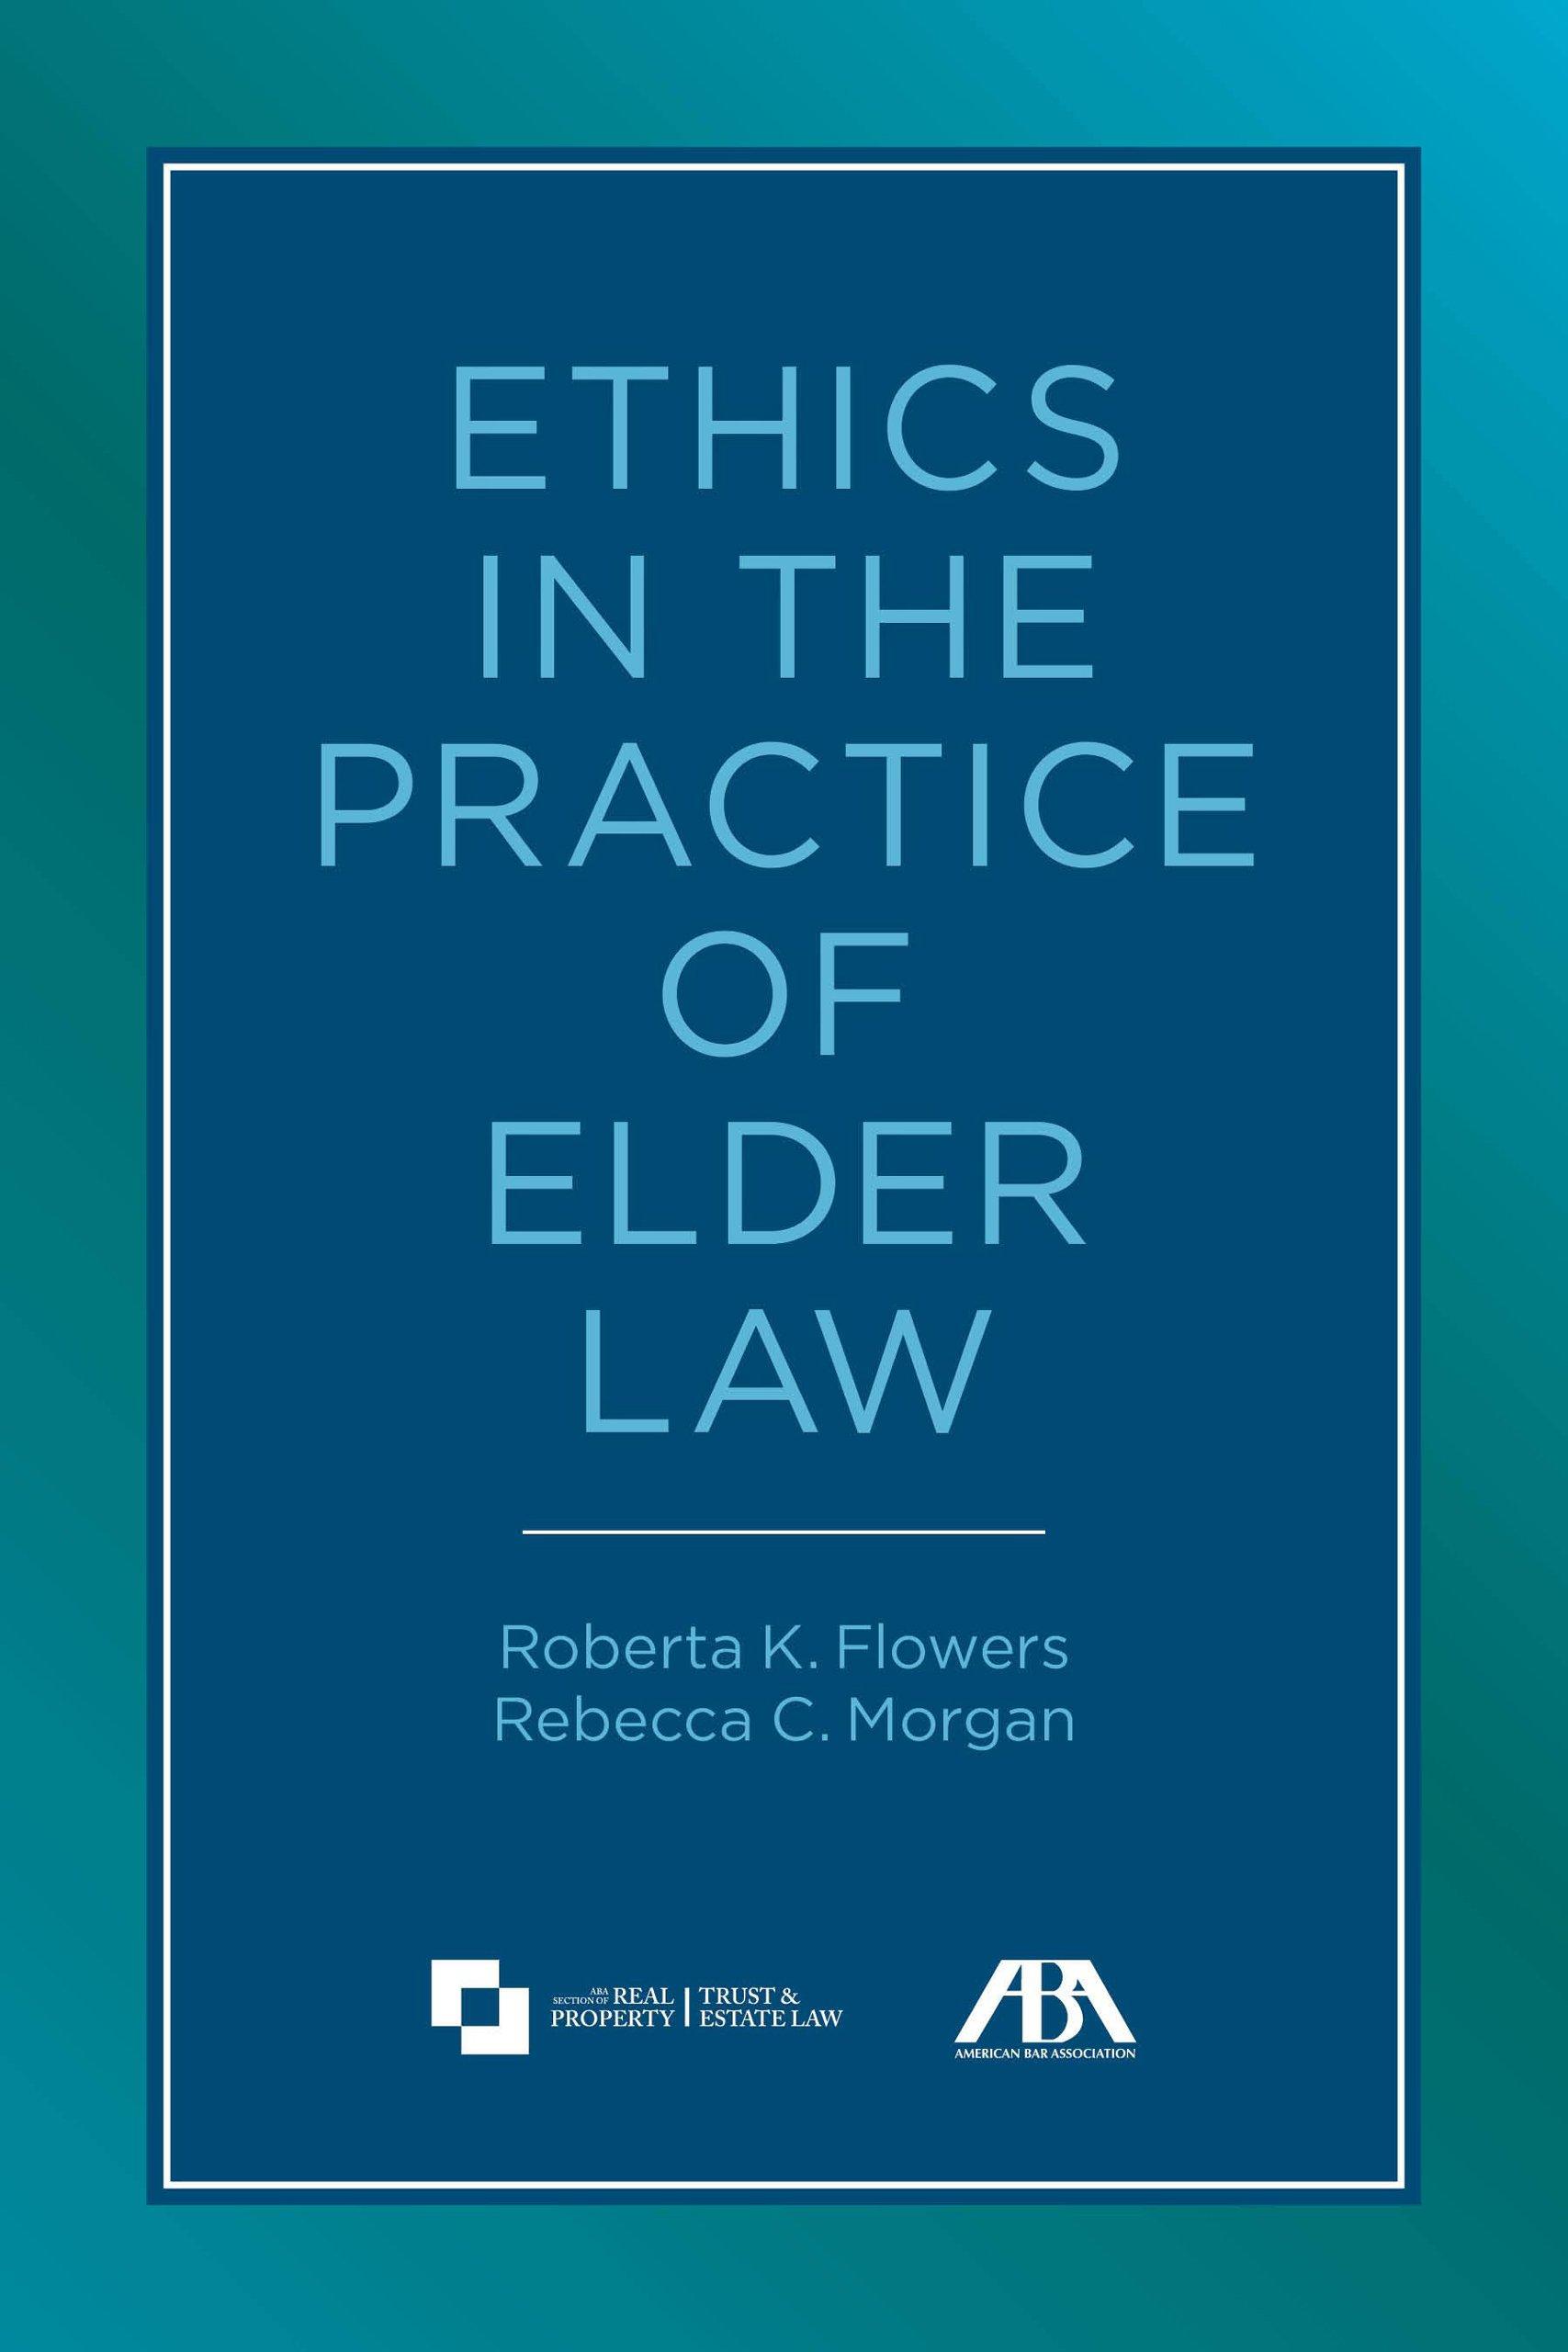 Ethics in the Practice of Elder Law